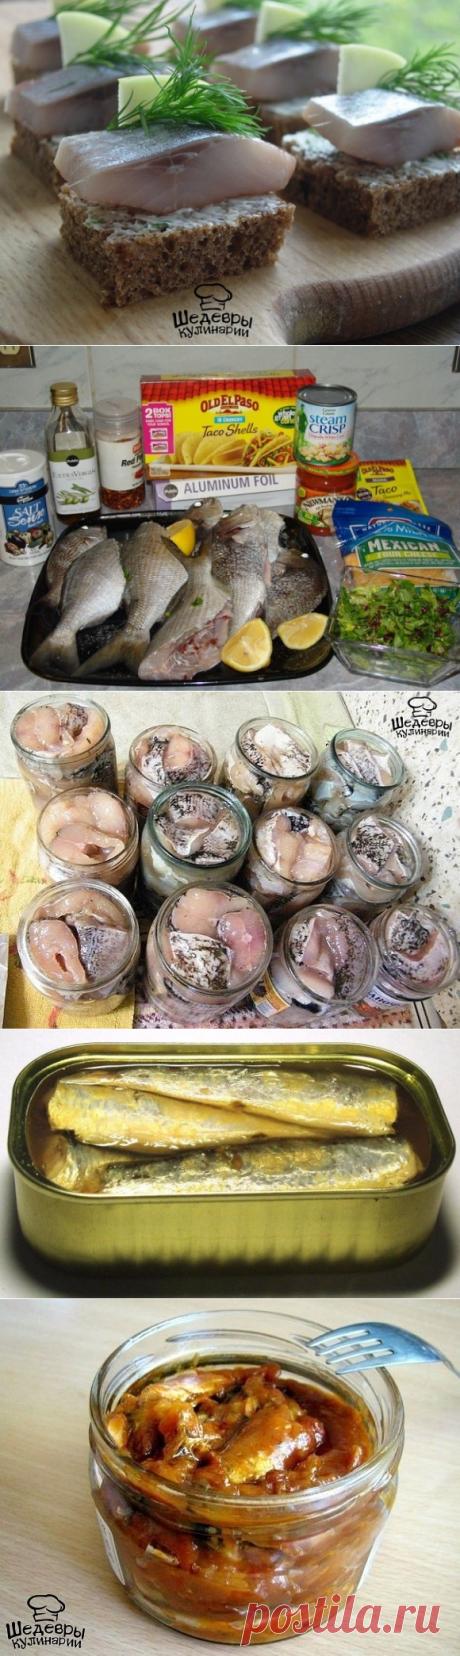 5 рецептов консервирования рыбы